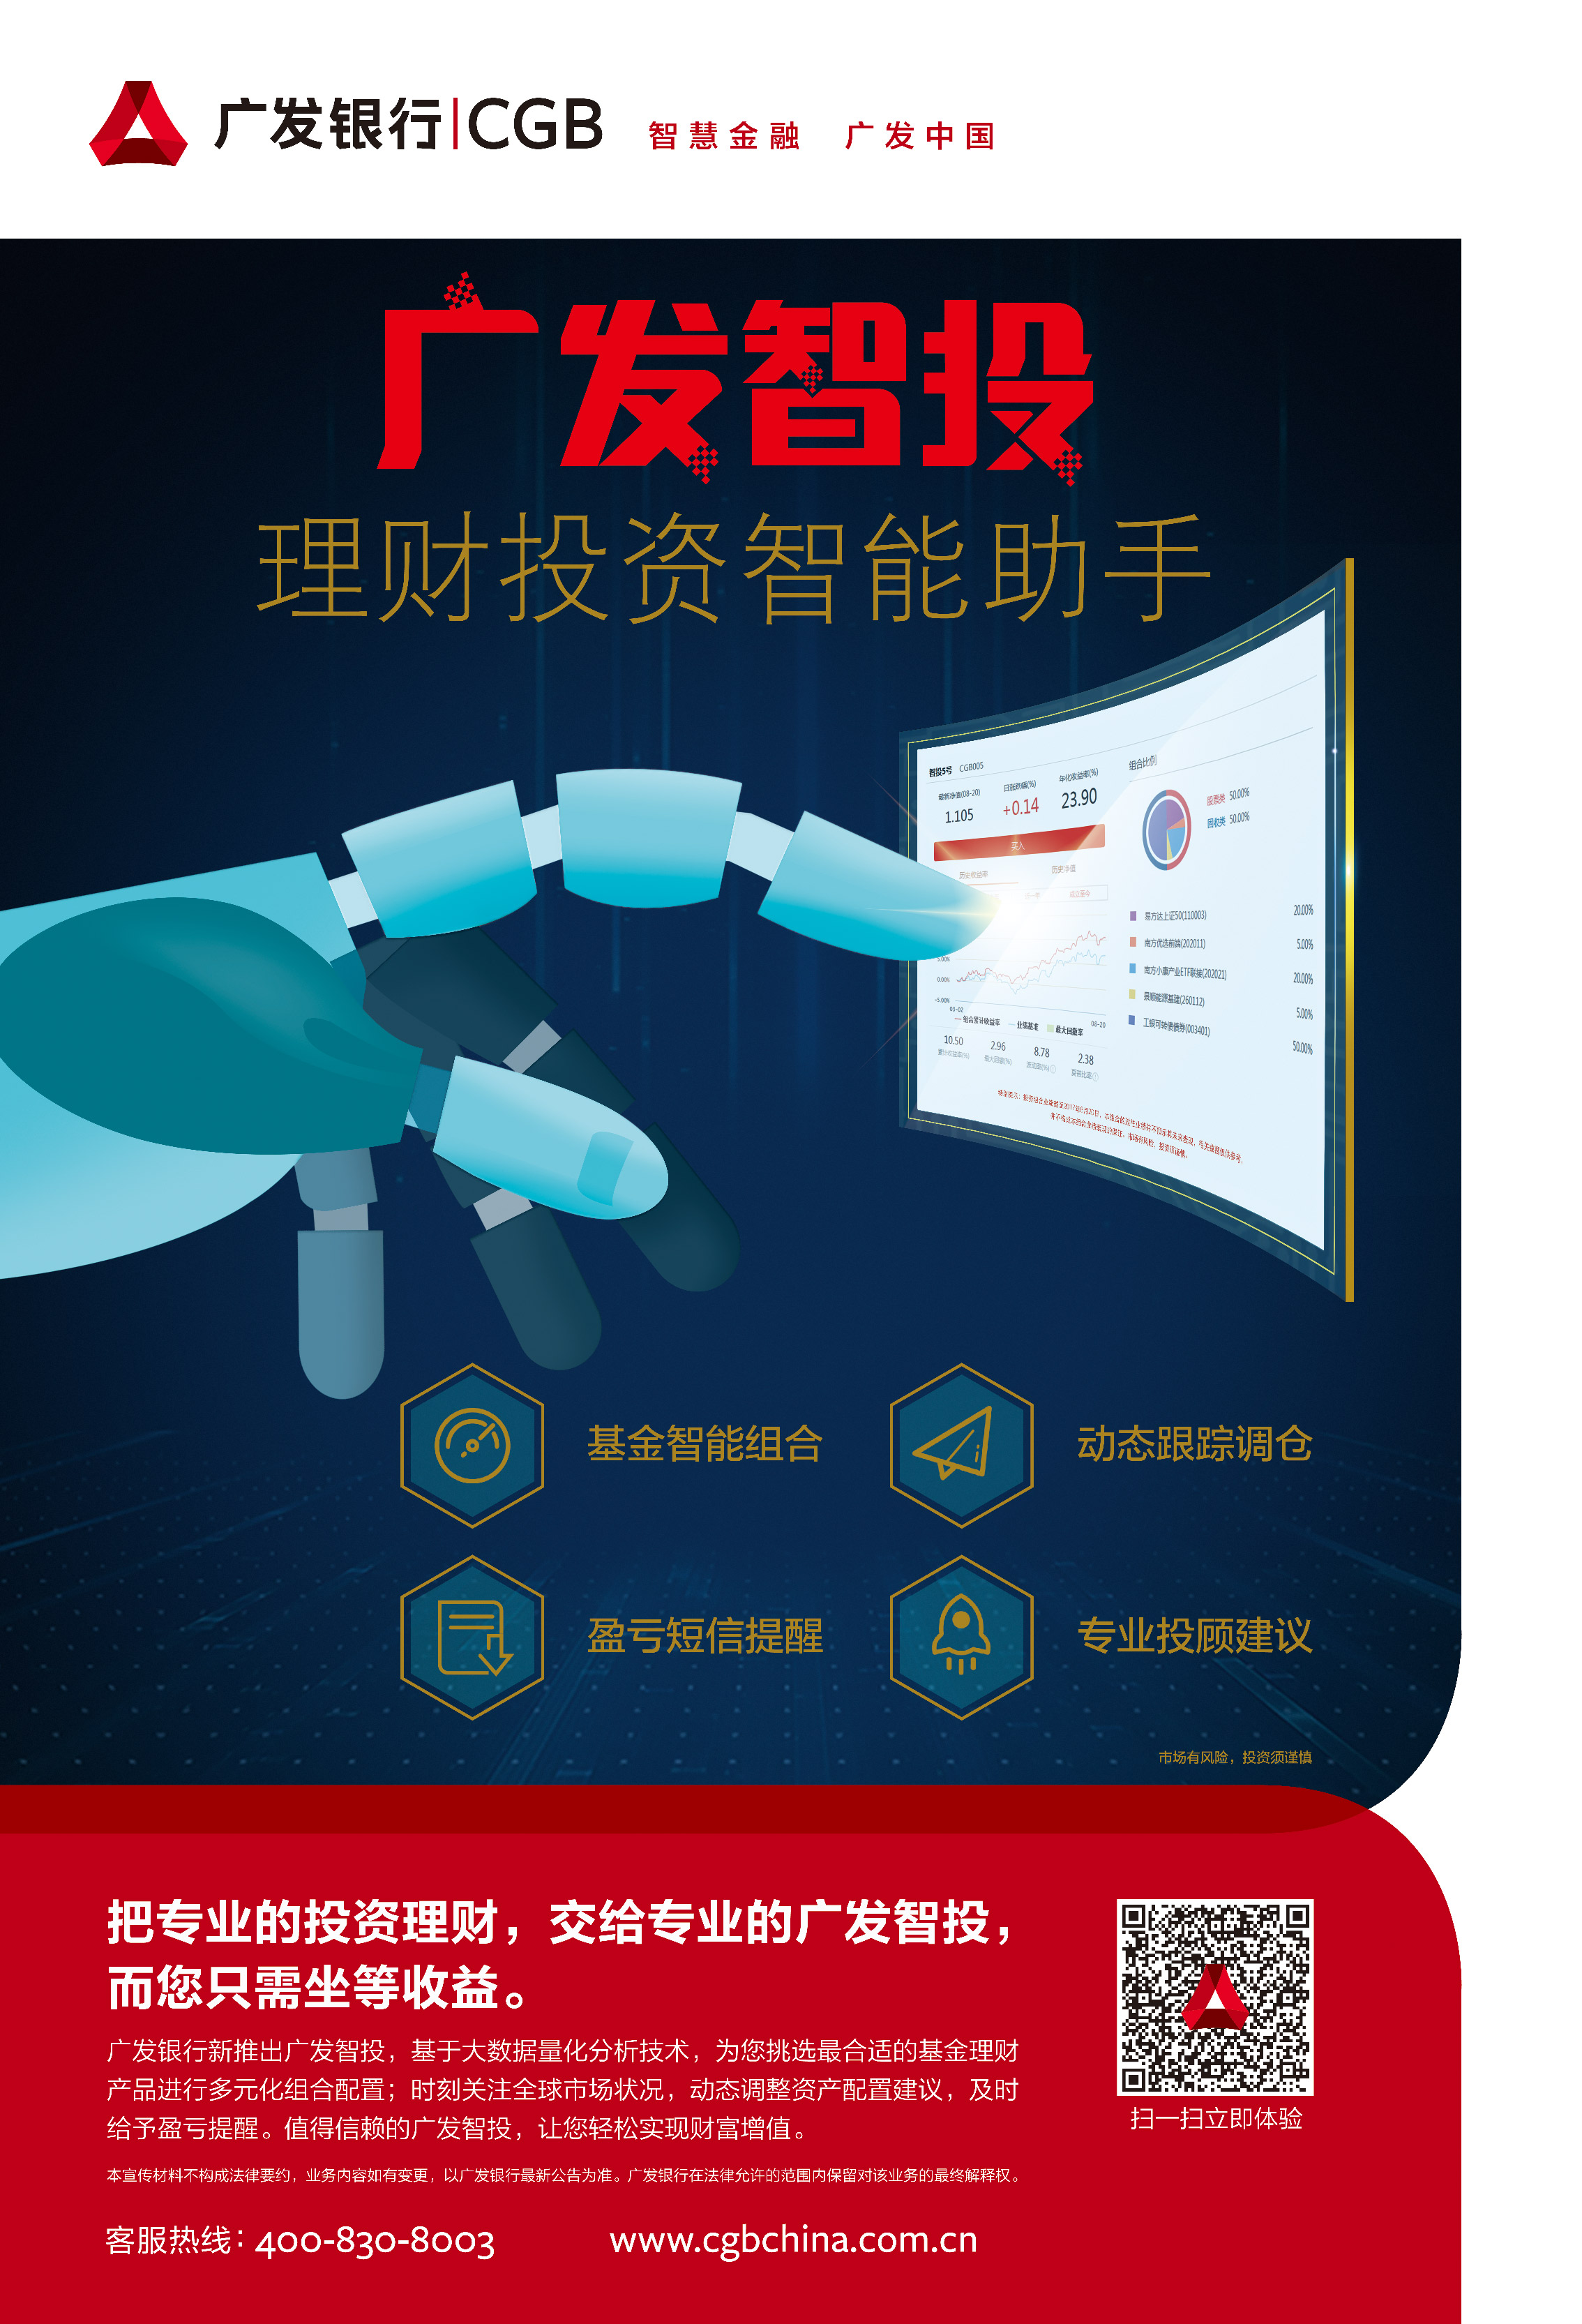 """广发银行推出智能投资理财平台""""广发智投"""""""